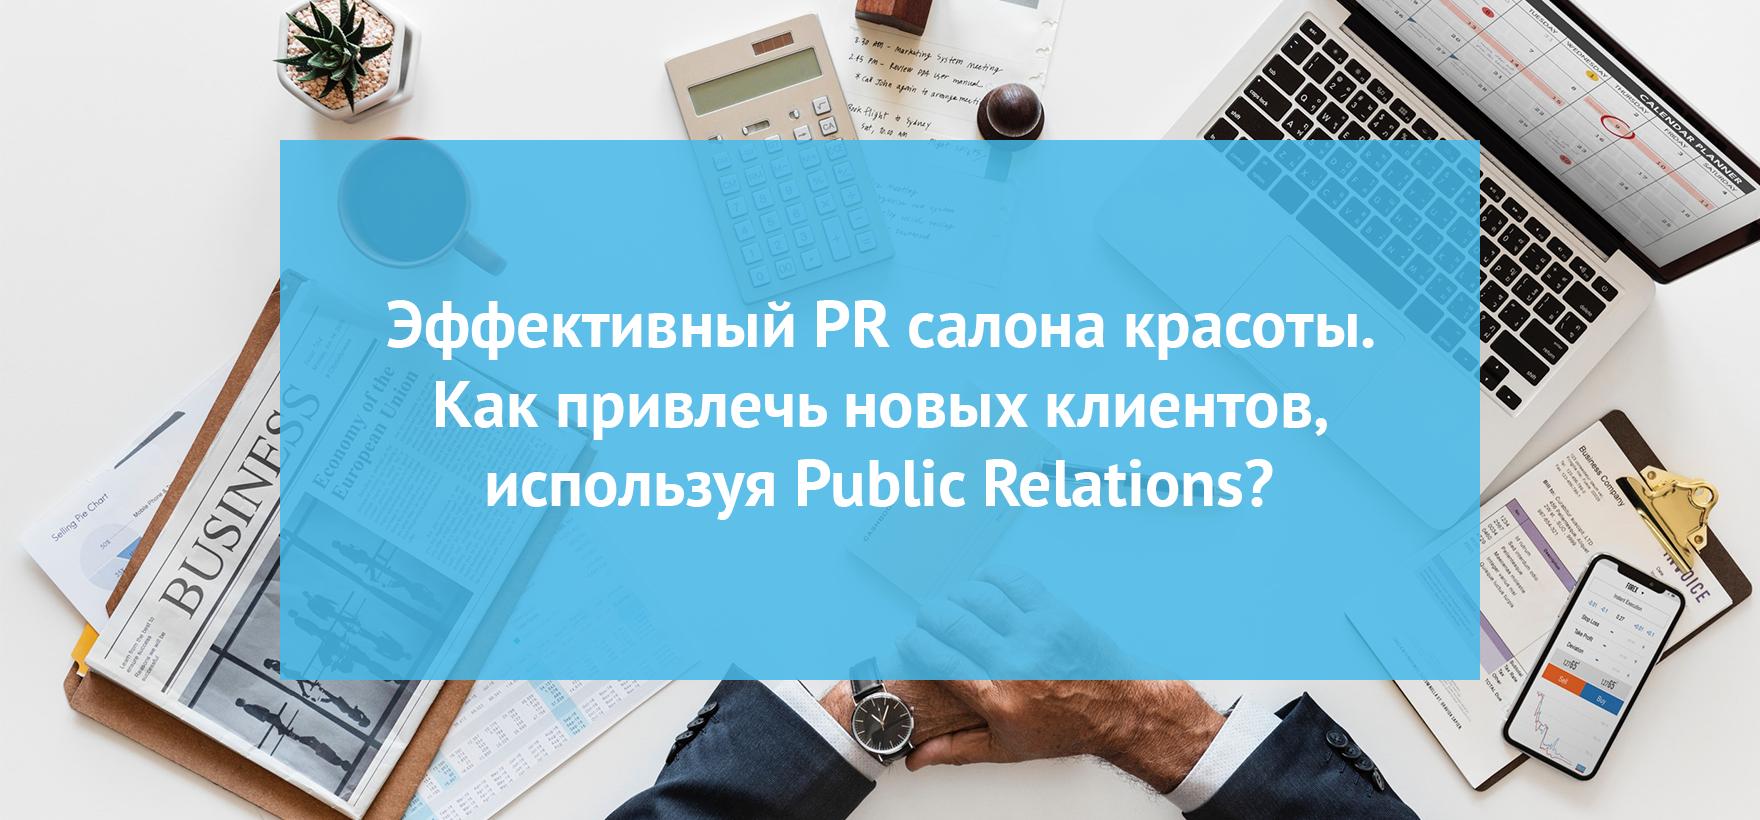 Эффективный PR салона красоты. Как привлечь новых клиентов, используя Public Relations?